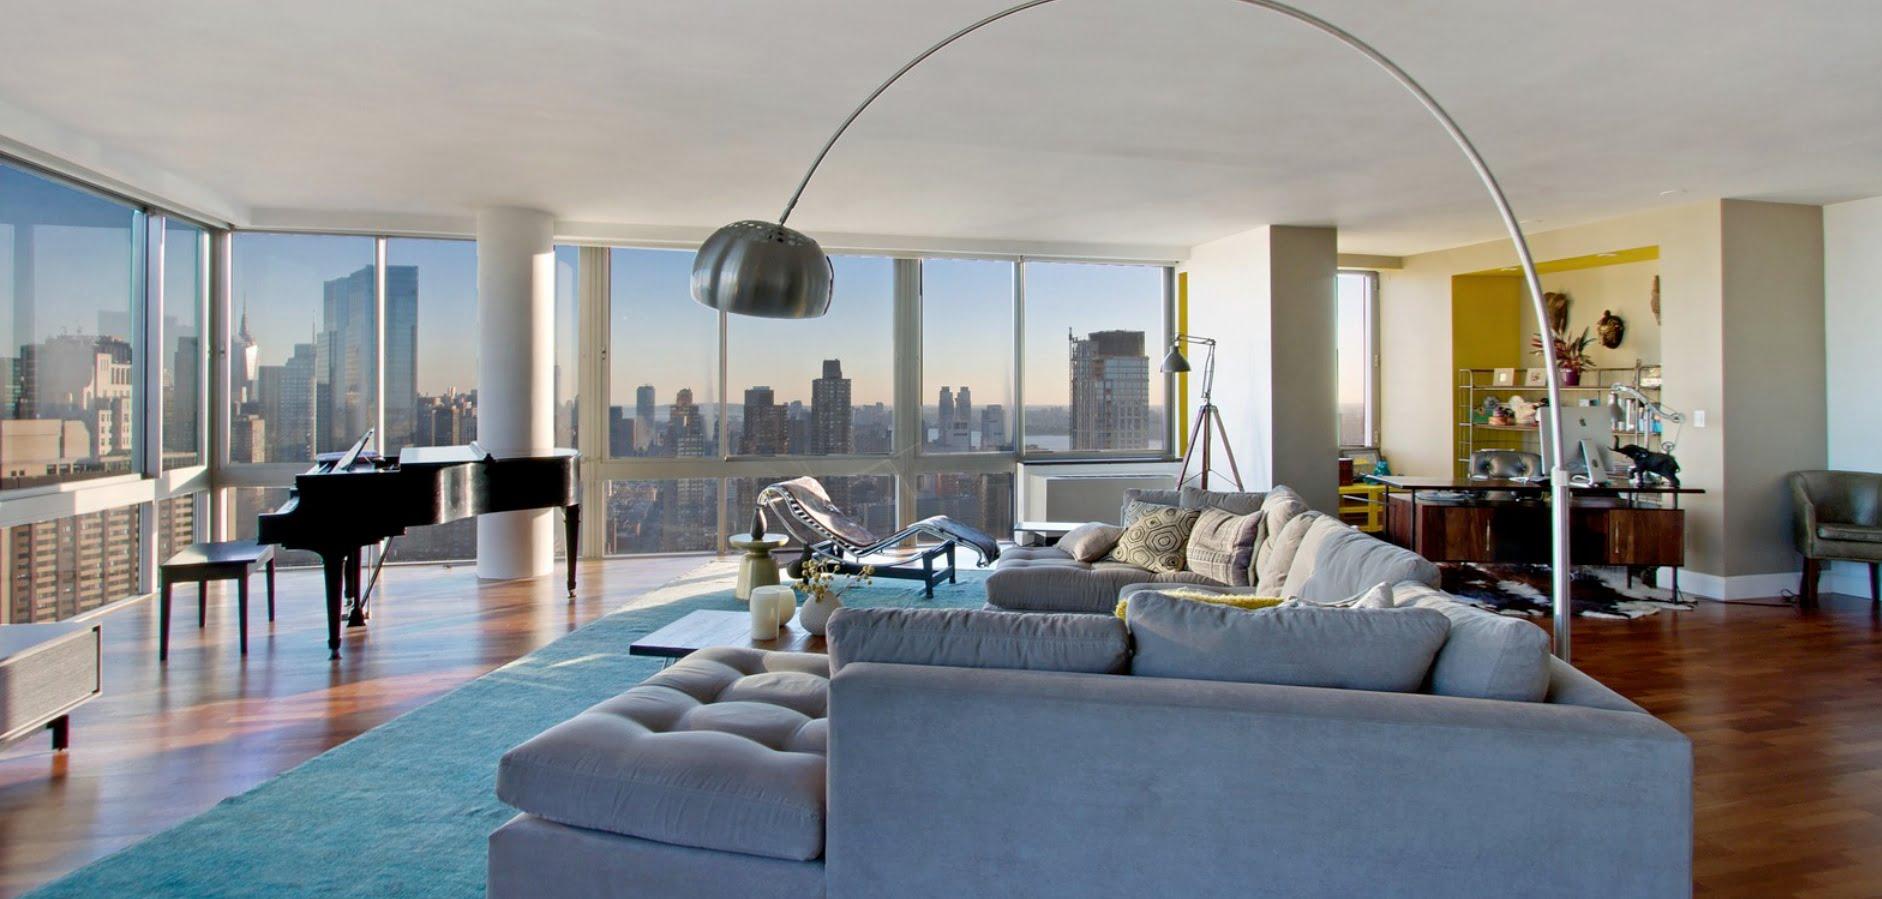 Hermoso departamento con vista privilegiada al centro de la ciudad, el diseño interno ha sido pensado en la comodidad y relajación